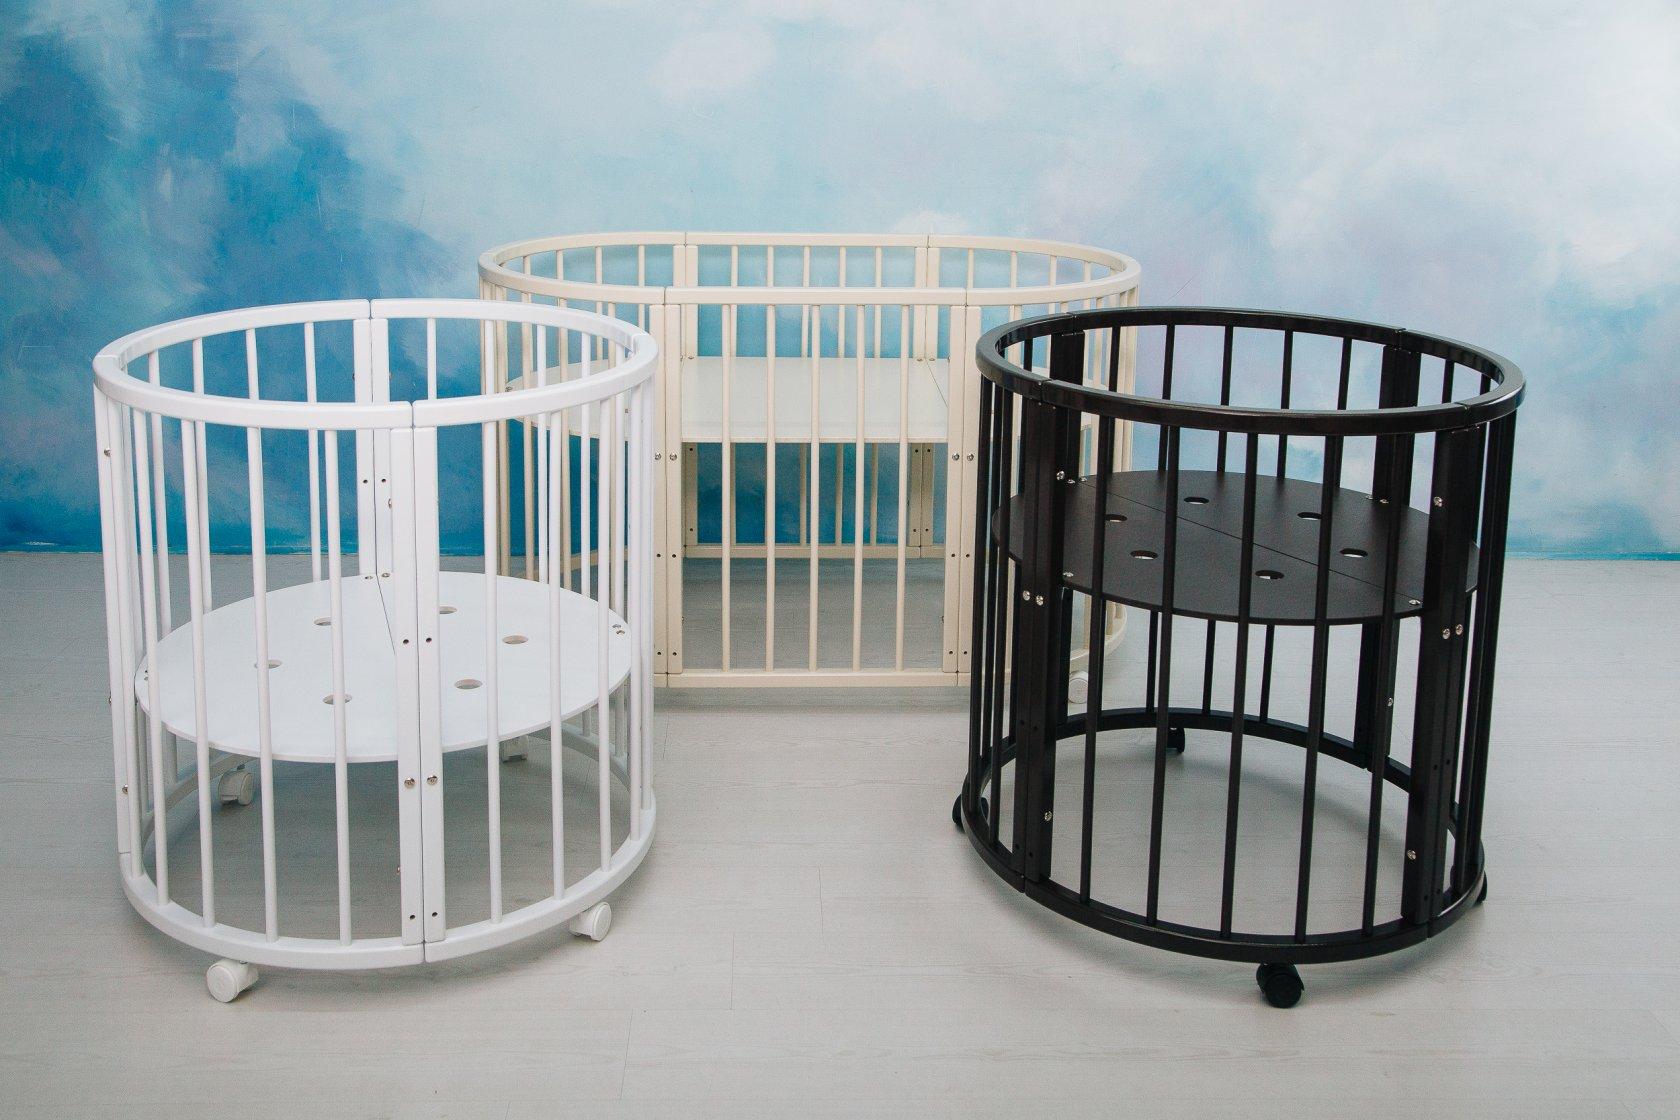 круглая кроватка трансформер для новорожденного дизайн